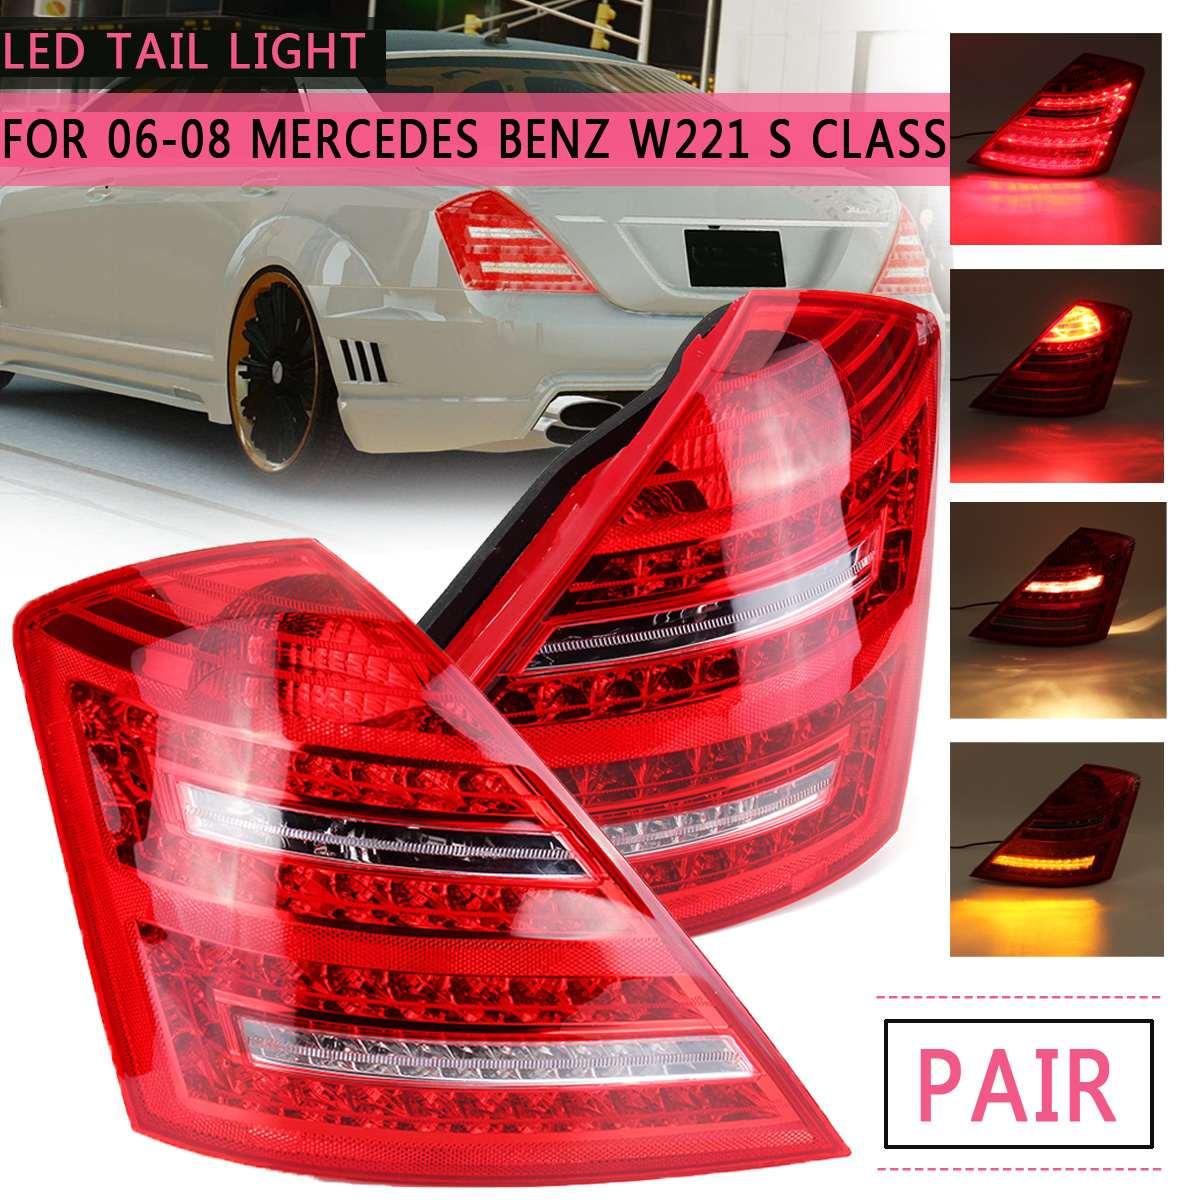 2 pièces De Voiture LED Feux Arrière Pour Mercedes pour Benz W221 S Classe 2006 2007 2008 Feu Arrière Modifié Arrière De Frein queue Lampe Drl Style